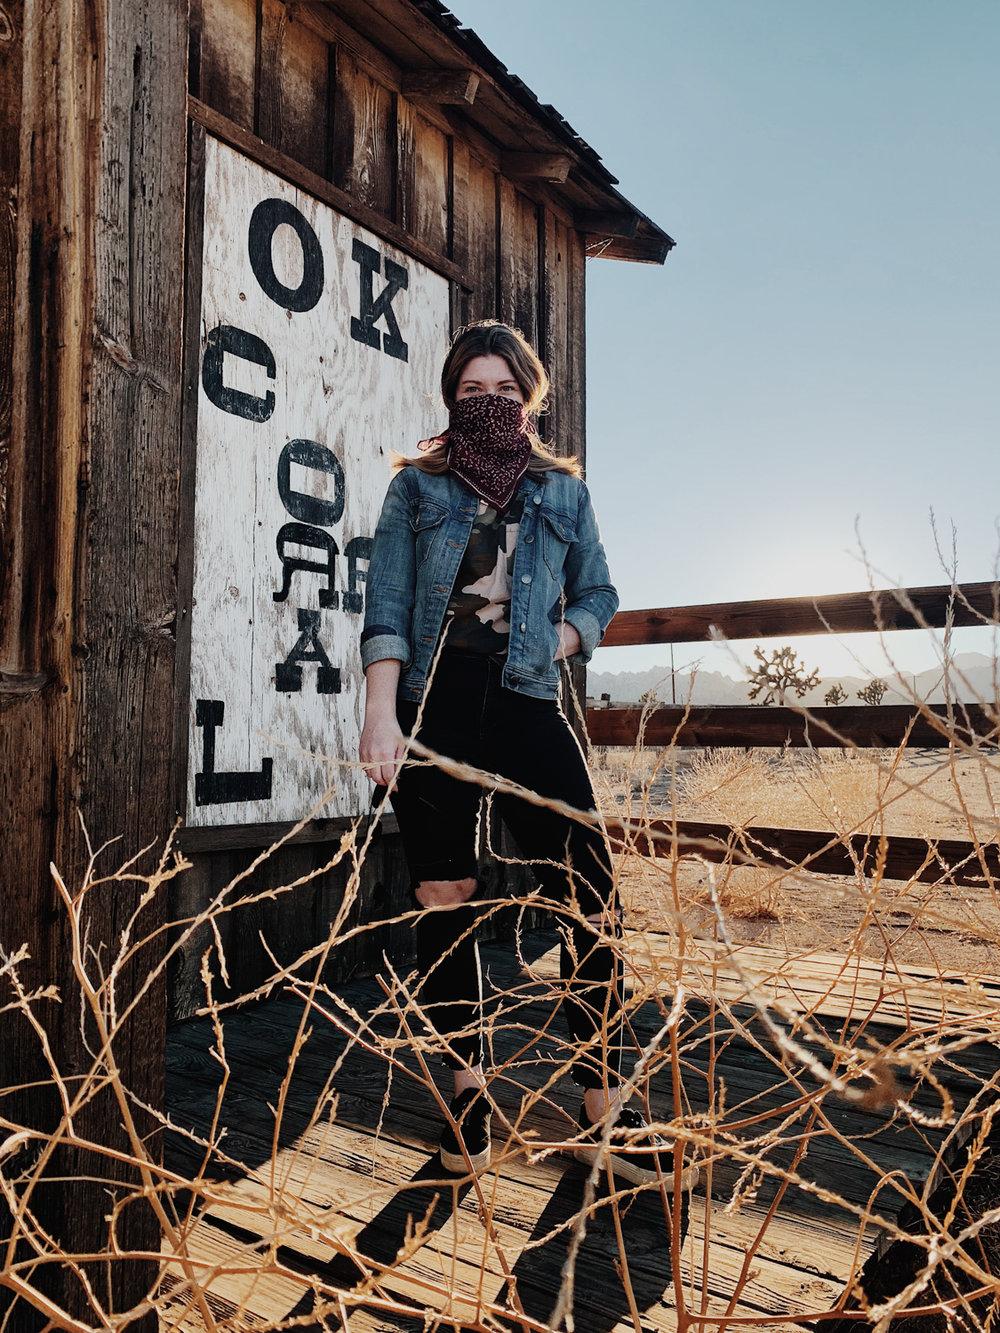 katherine_mendieta_pioneertown_cowboy_wild_west.jpg